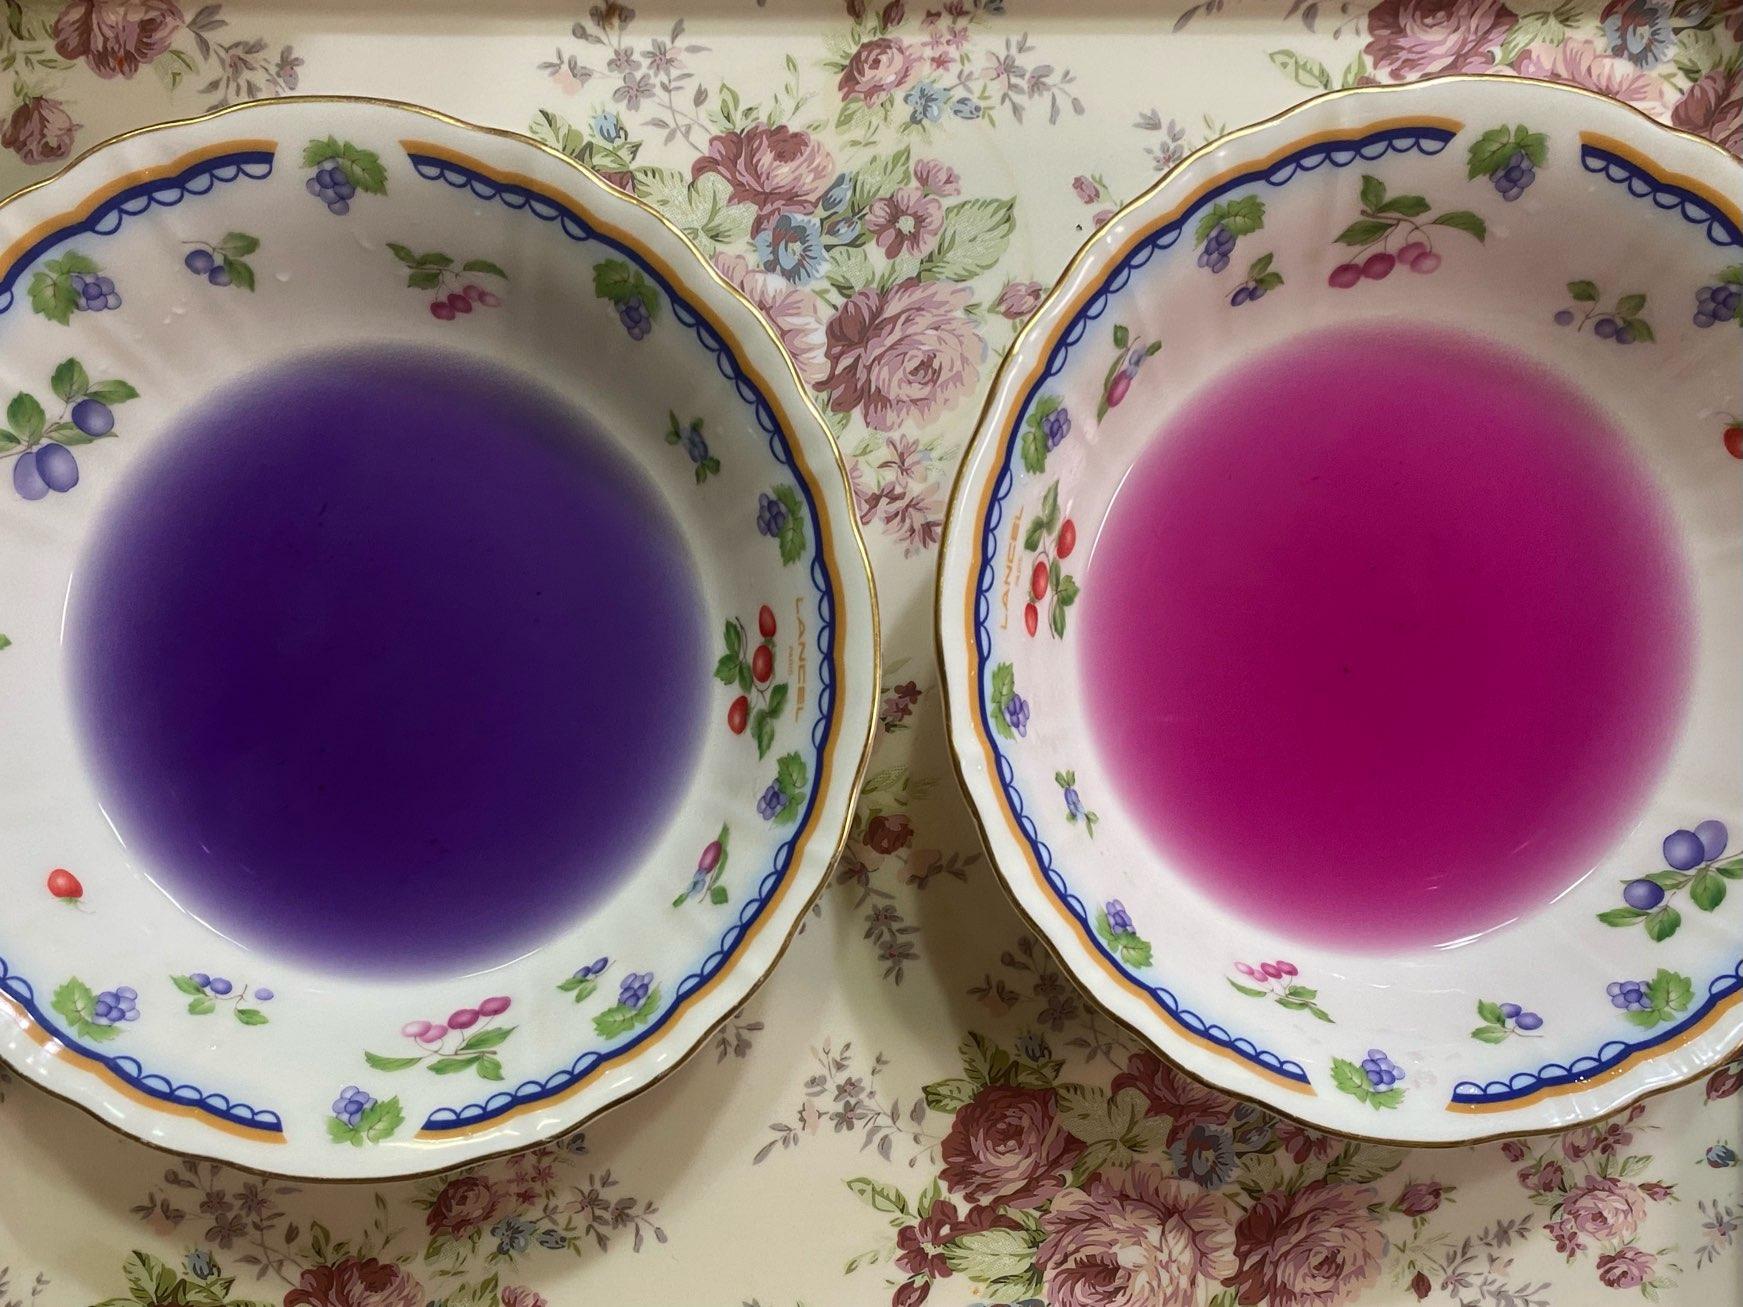 紫の液体が乗ってる皿とピンクの液体が乗っている皿